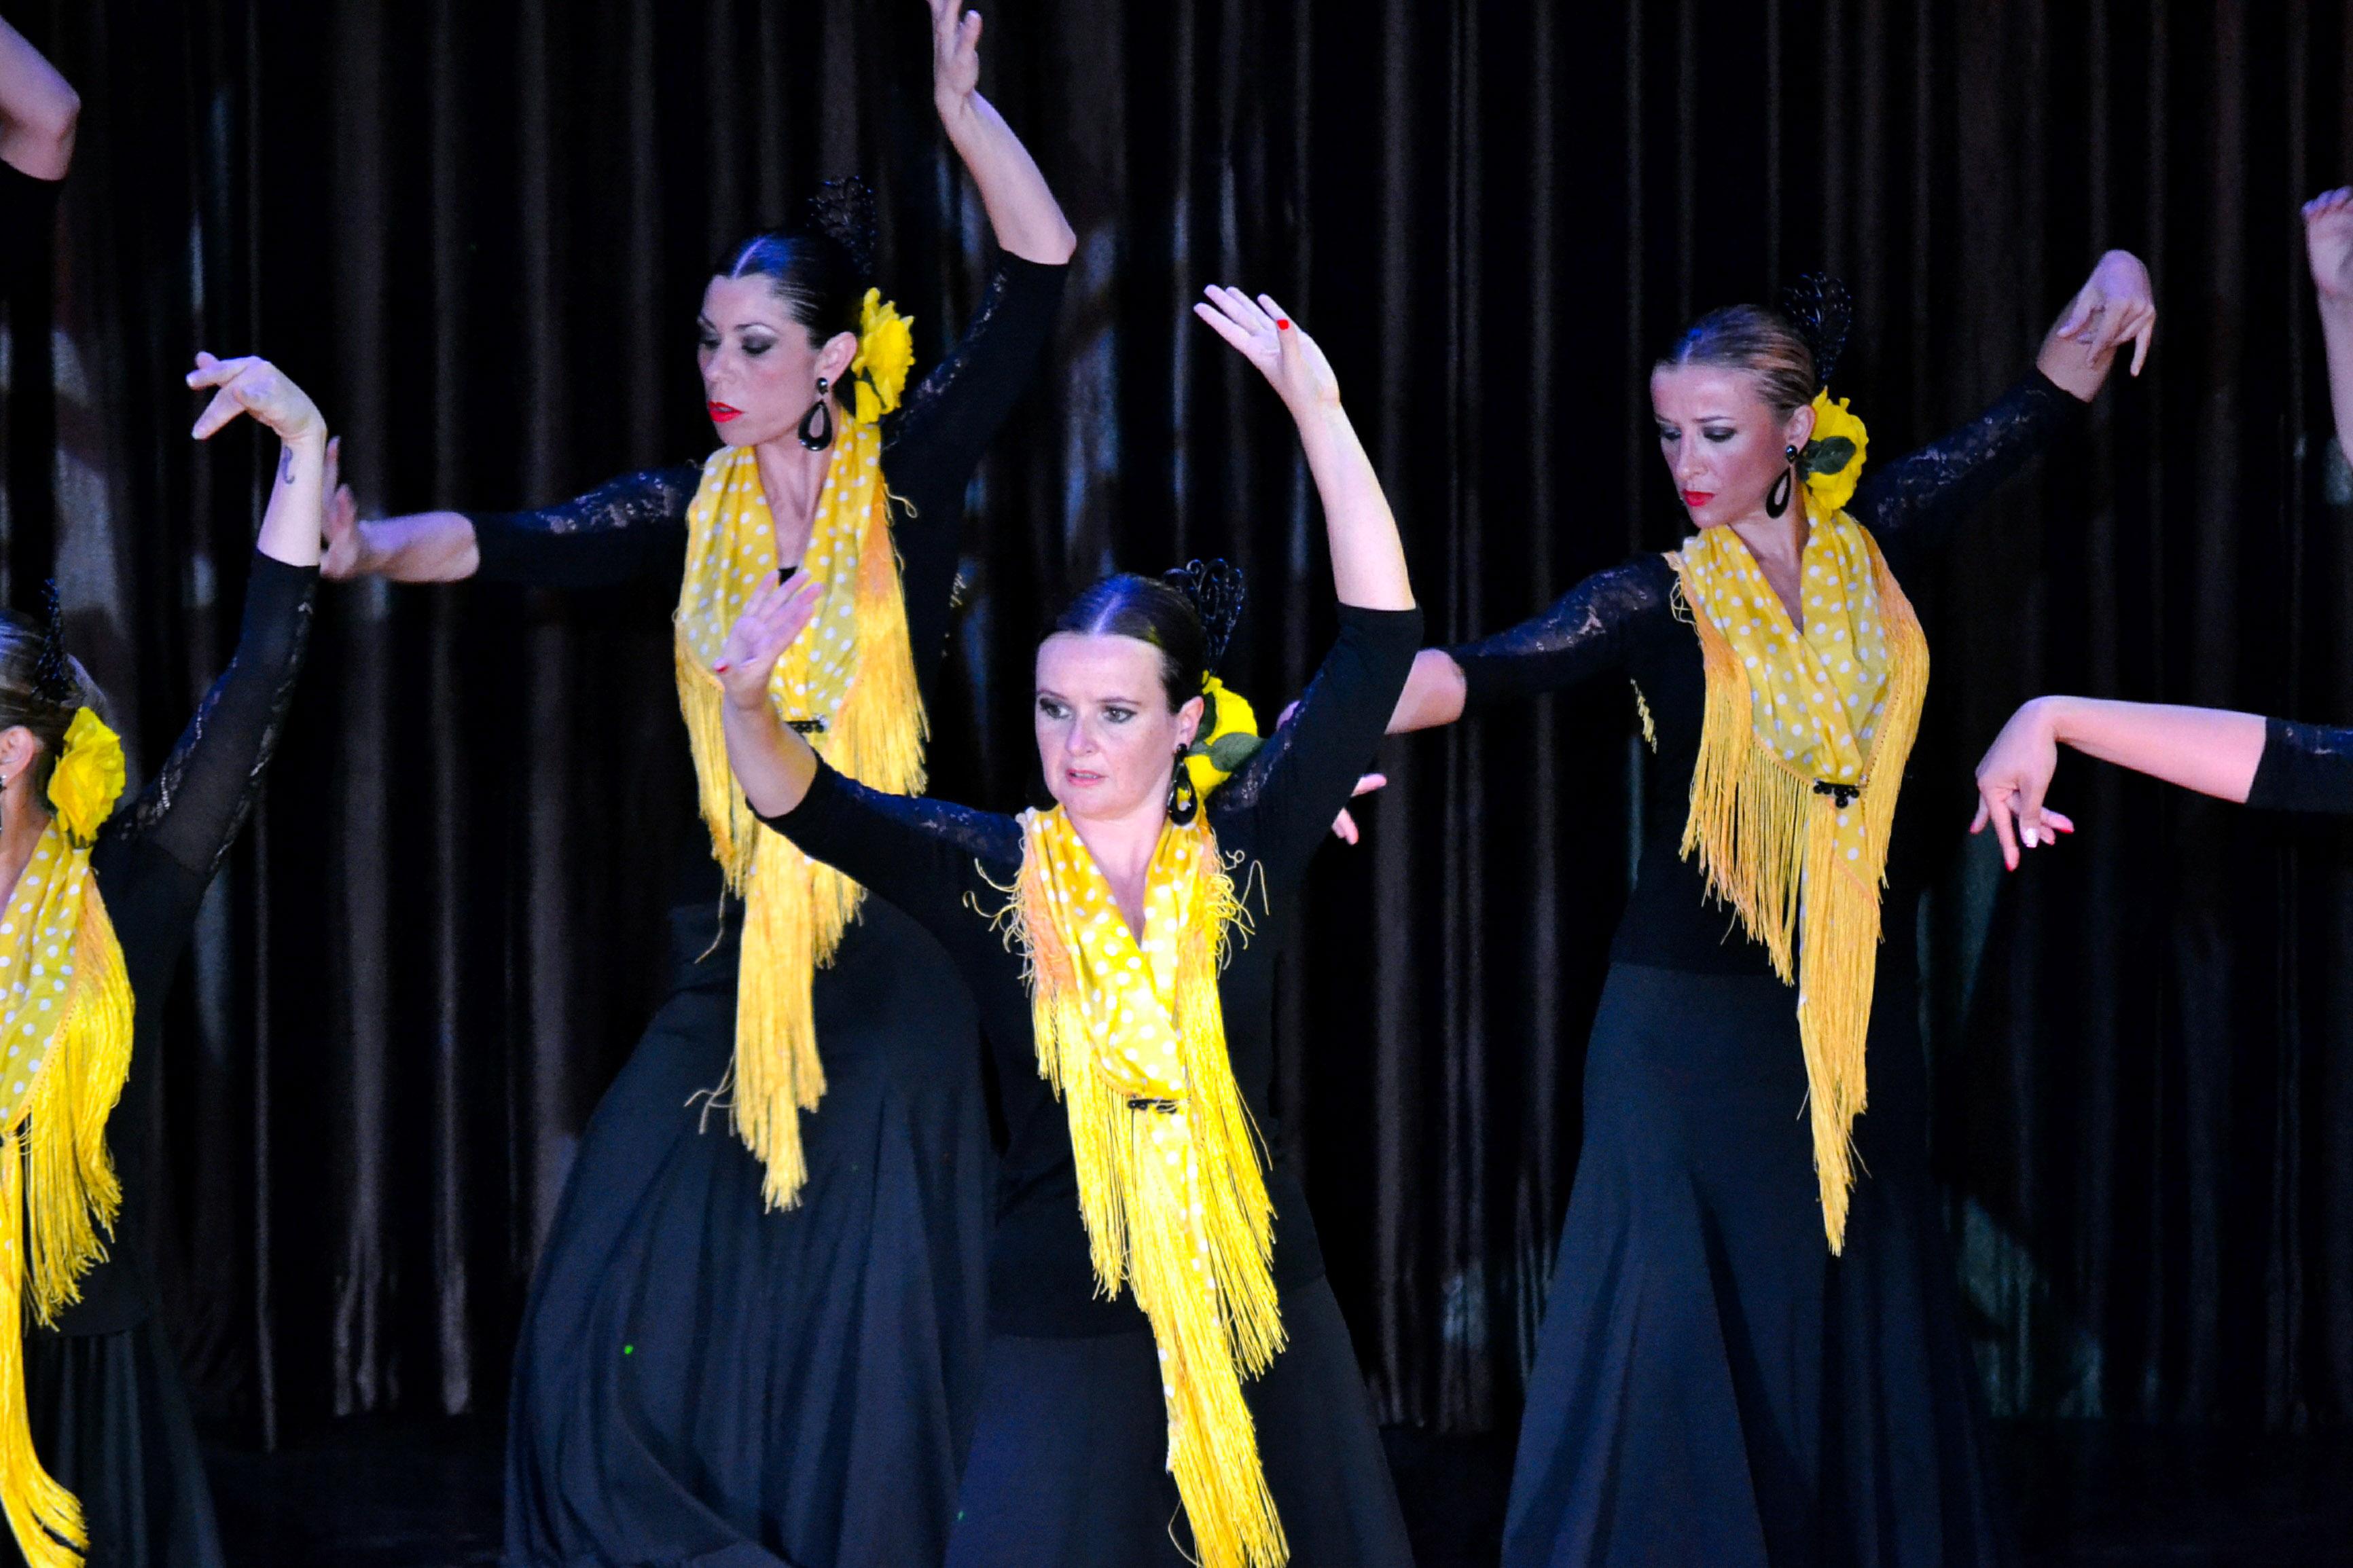 Linea-de-Baile-festival-verano-2015-clases-de-baile-valencia-143